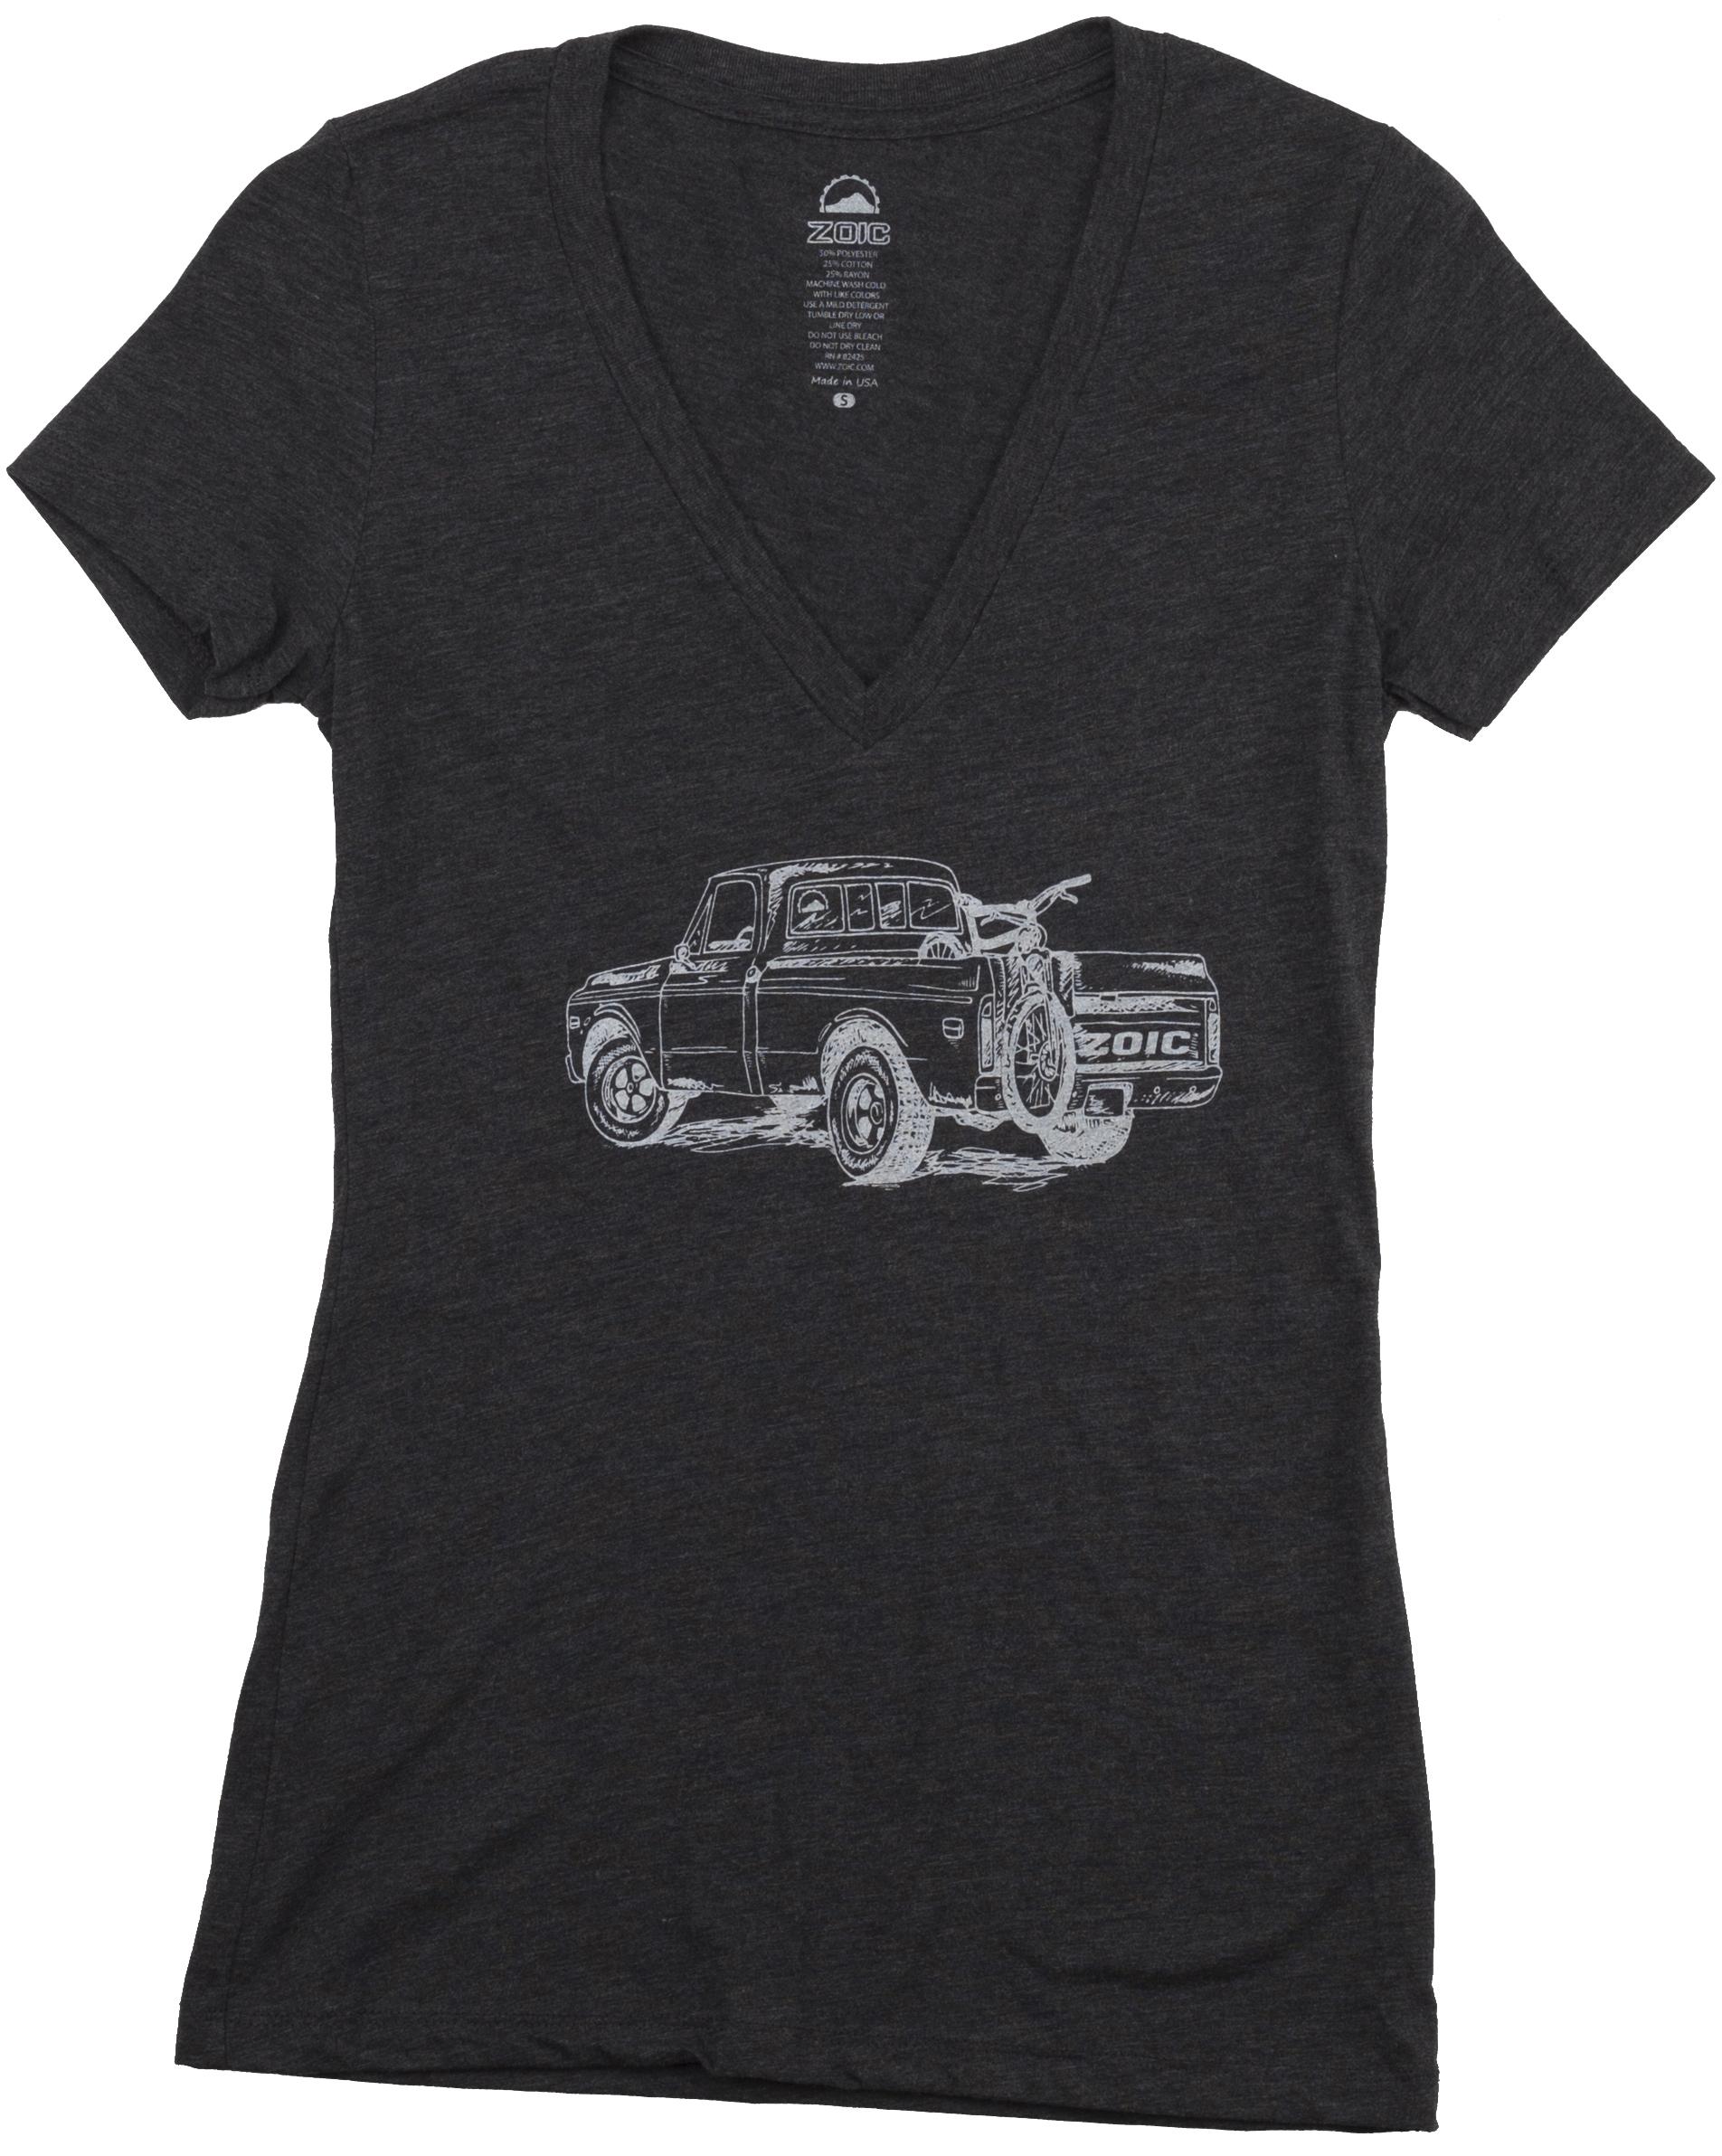 Zoic Womens Truck Tee